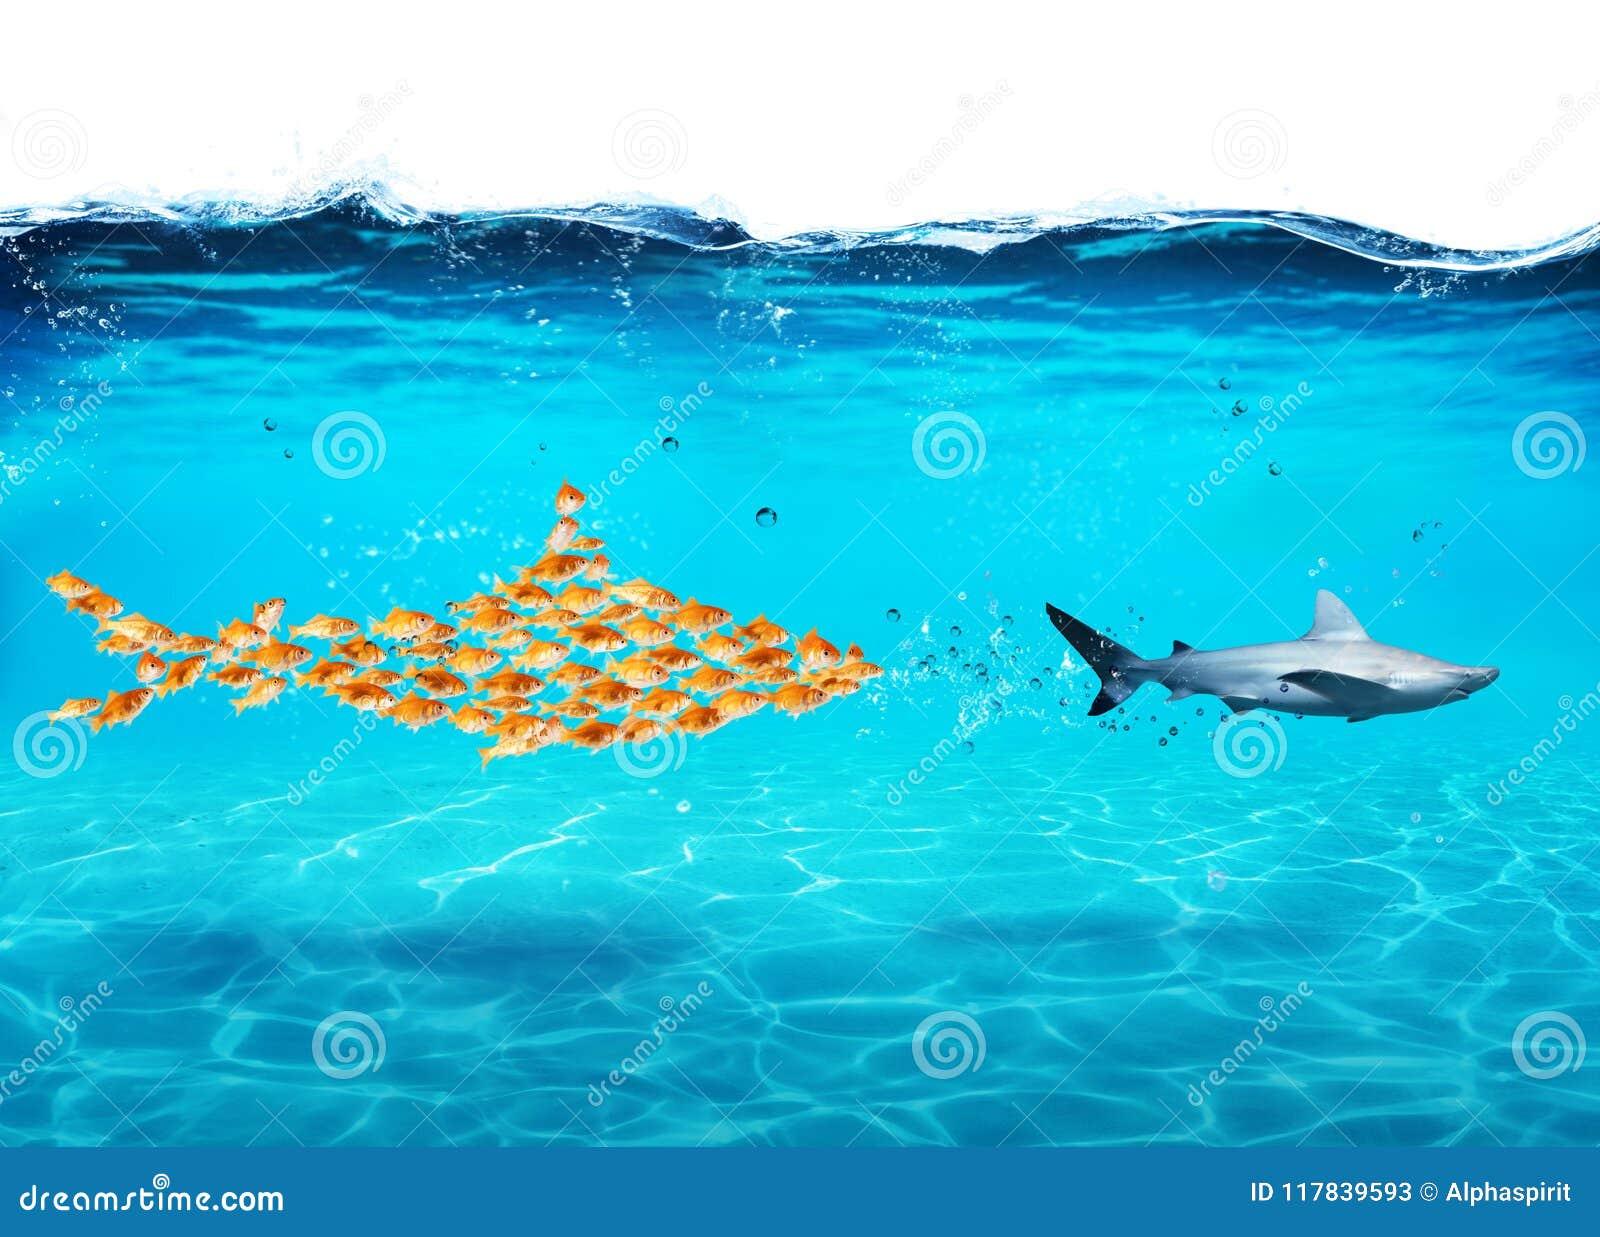 Großer Haifisch gemacht vom Goldfischangriff ein wirklicher Haifisch Konzept der Einheit ist Stärke, Teamwork und Partnerschaft